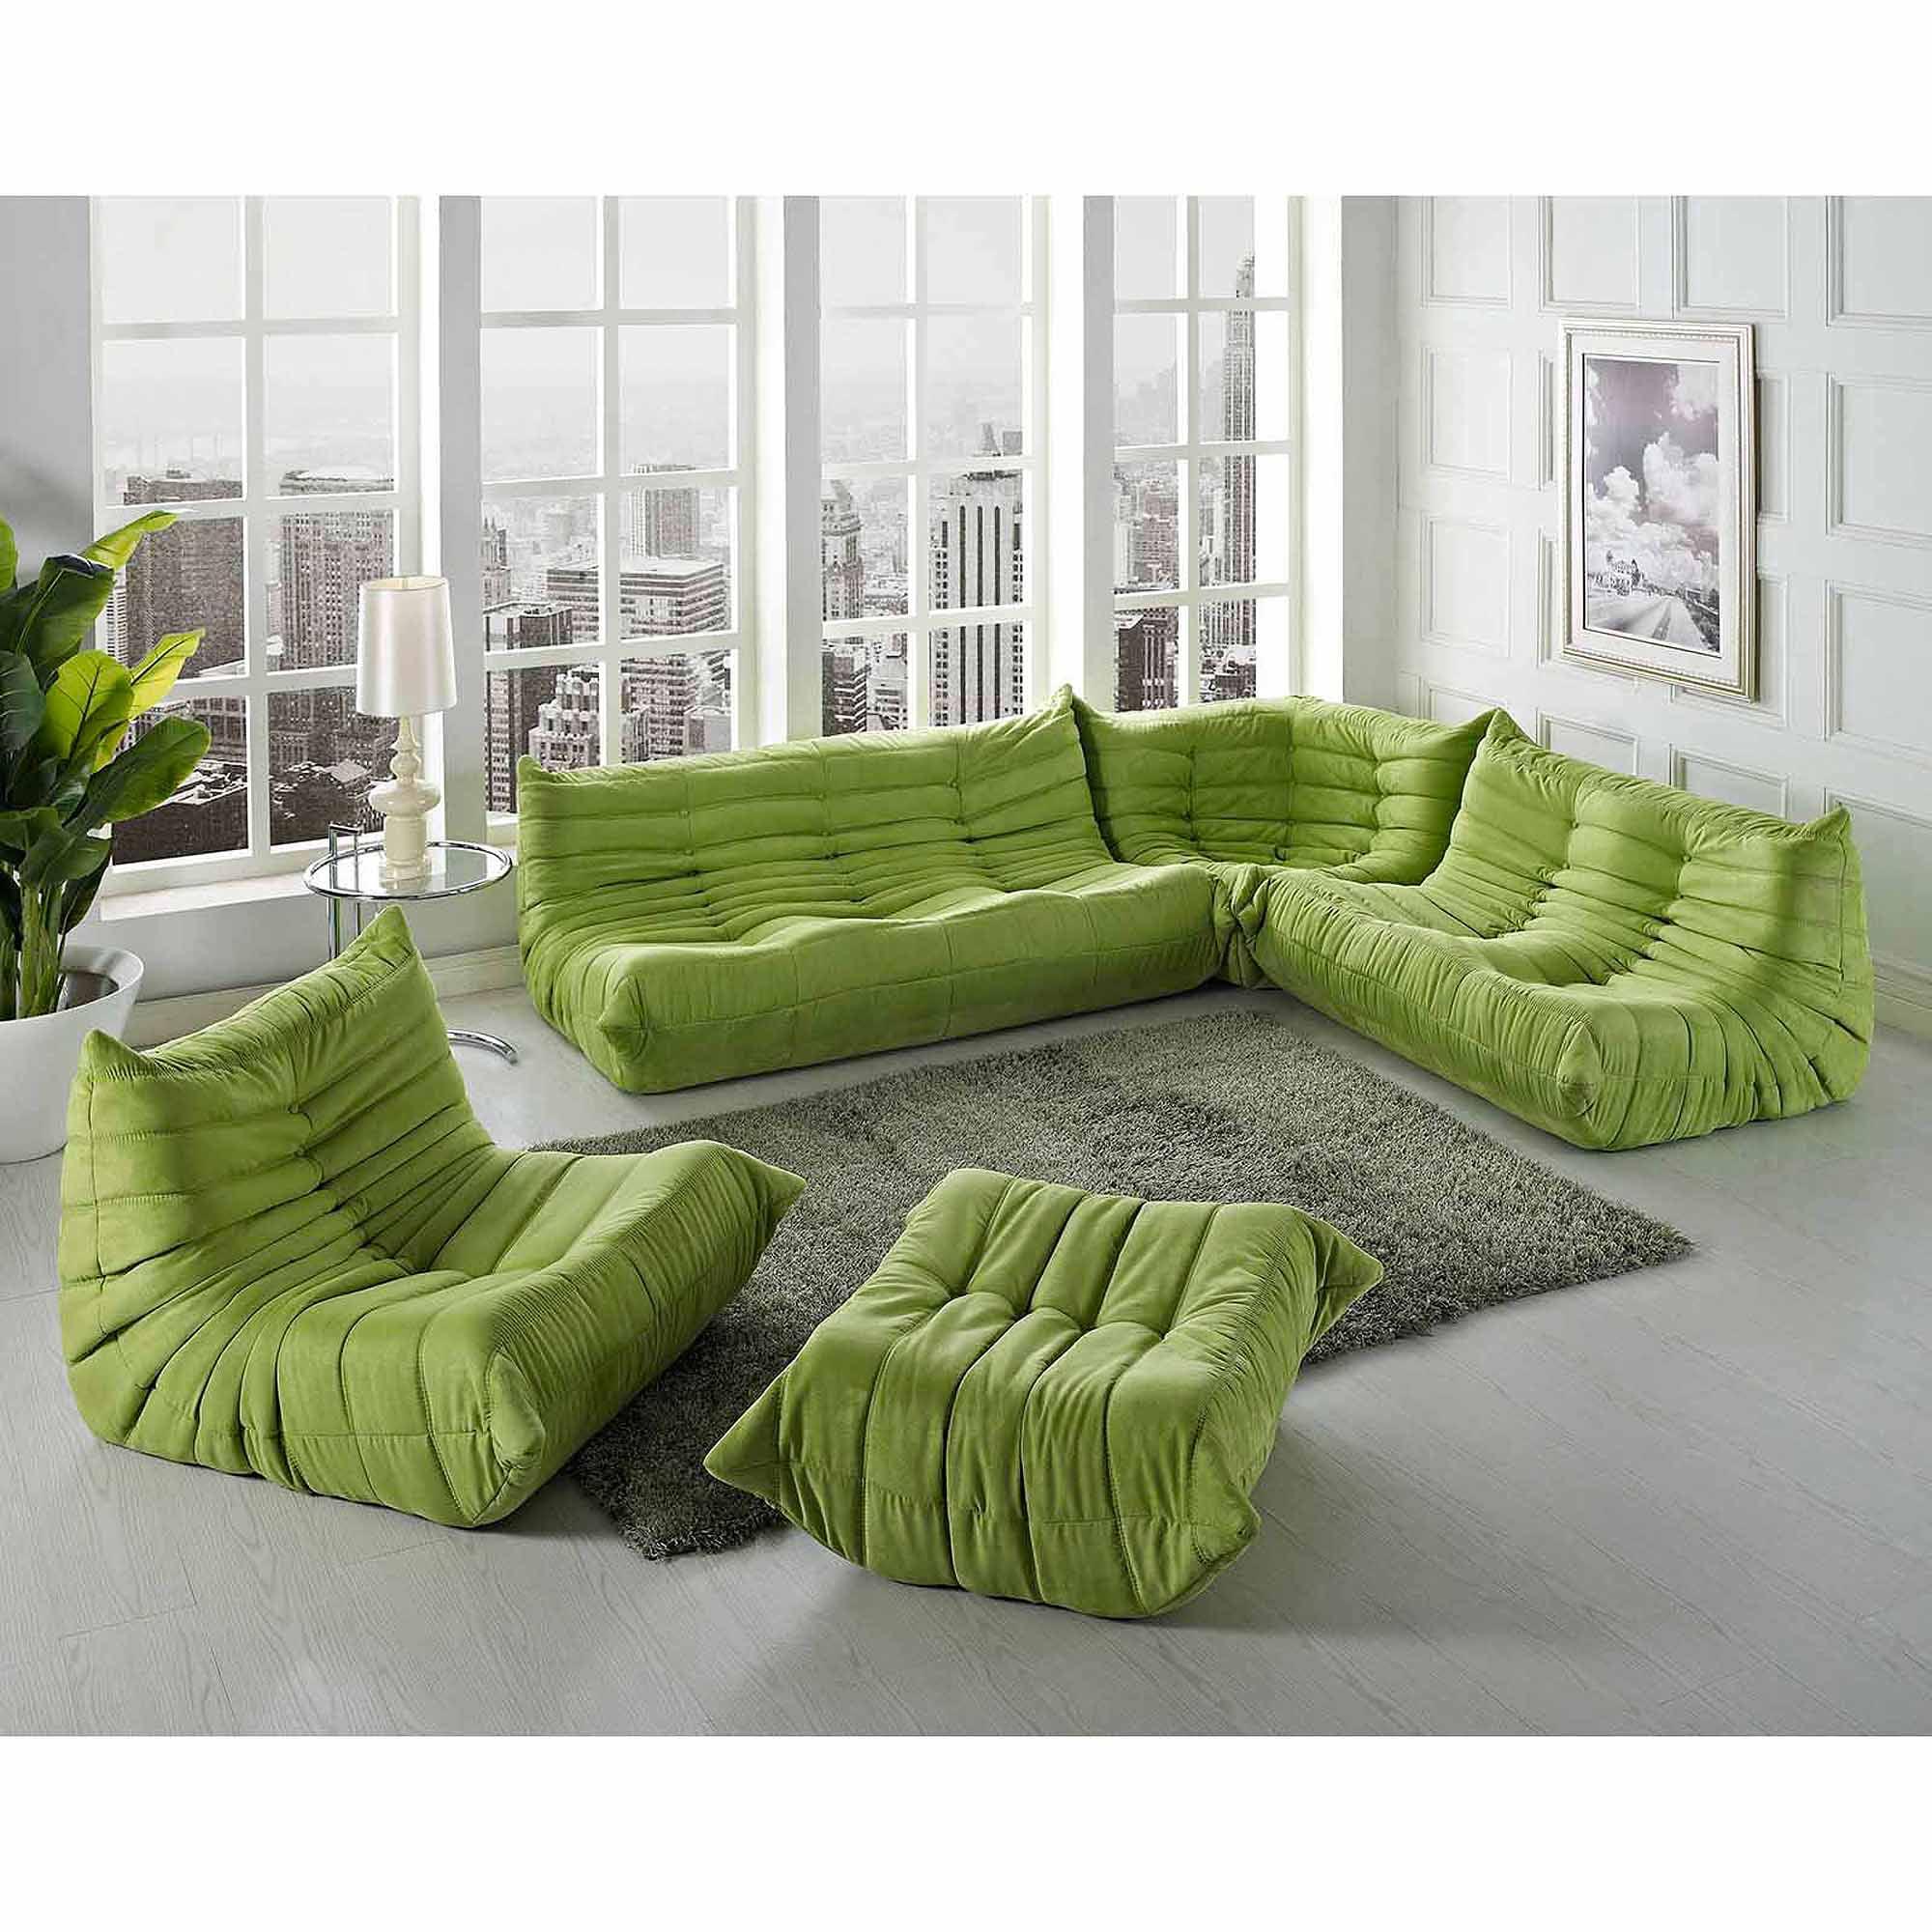 Modway Waverunner Modern Lounge Sofa Set Multiple Colors